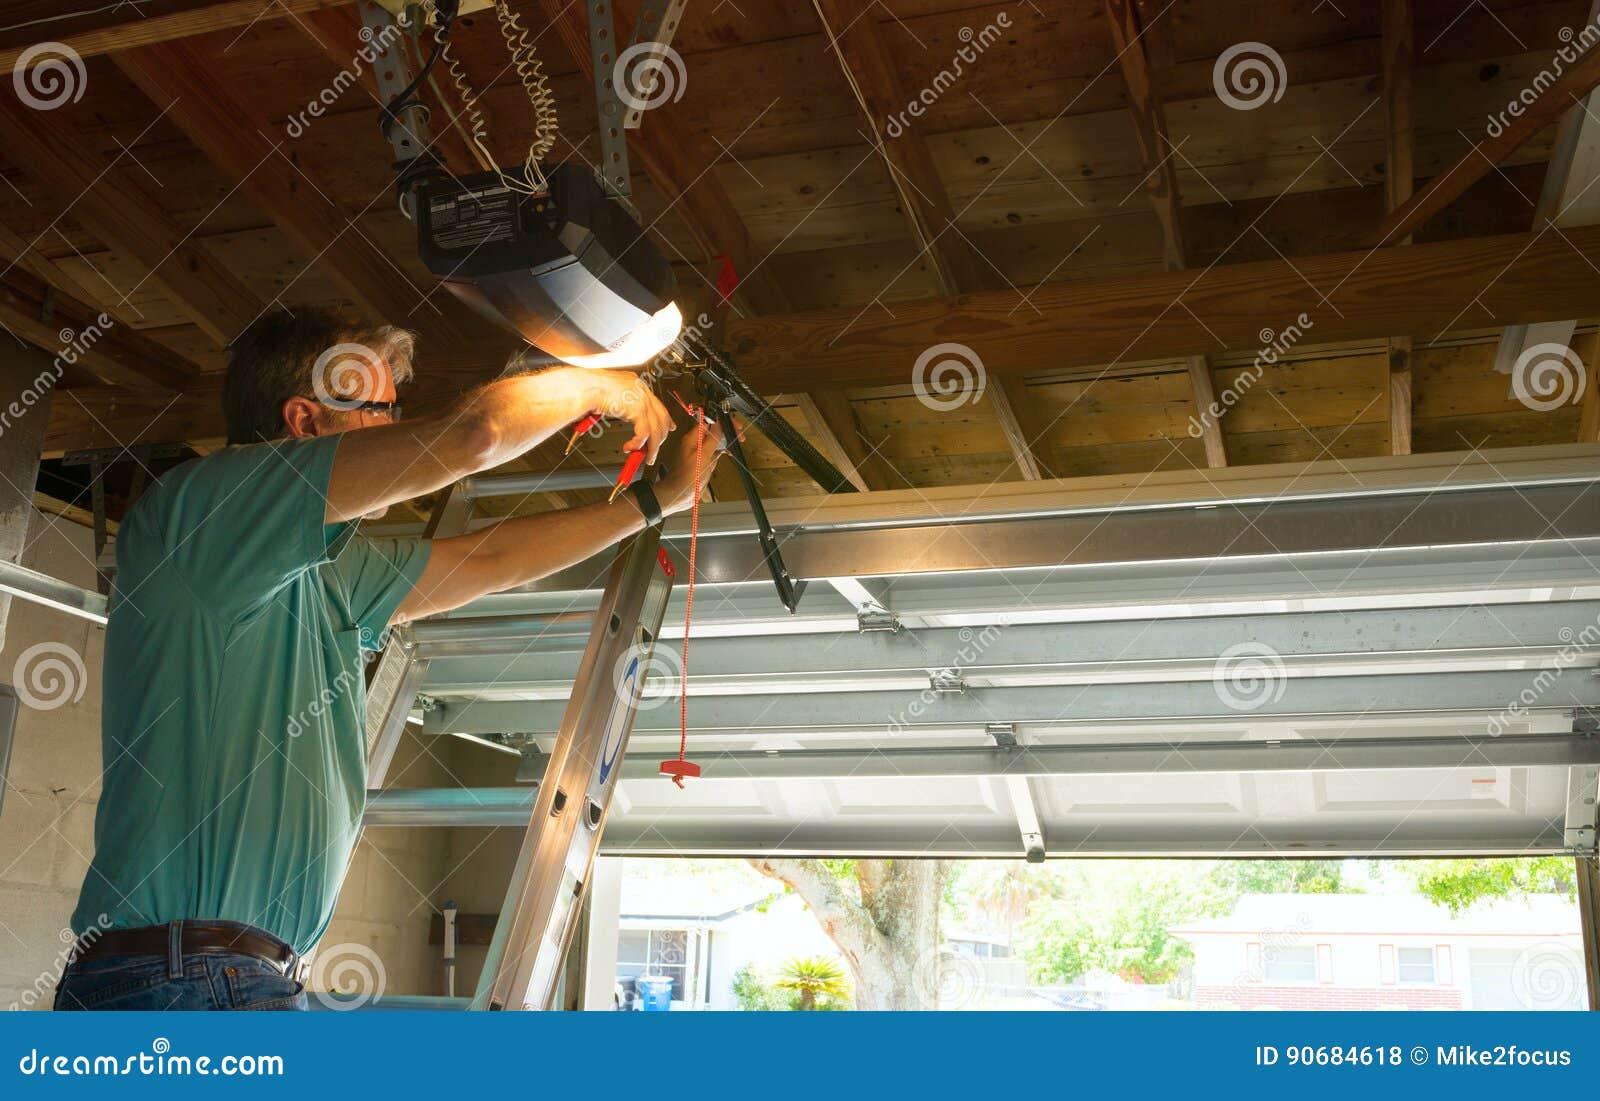 Επαγγελματική αυτόματη εργασία ατόμων τεχνικών υπηρεσιών επισκευής ανοιχτηριών πορτών γκαράζ